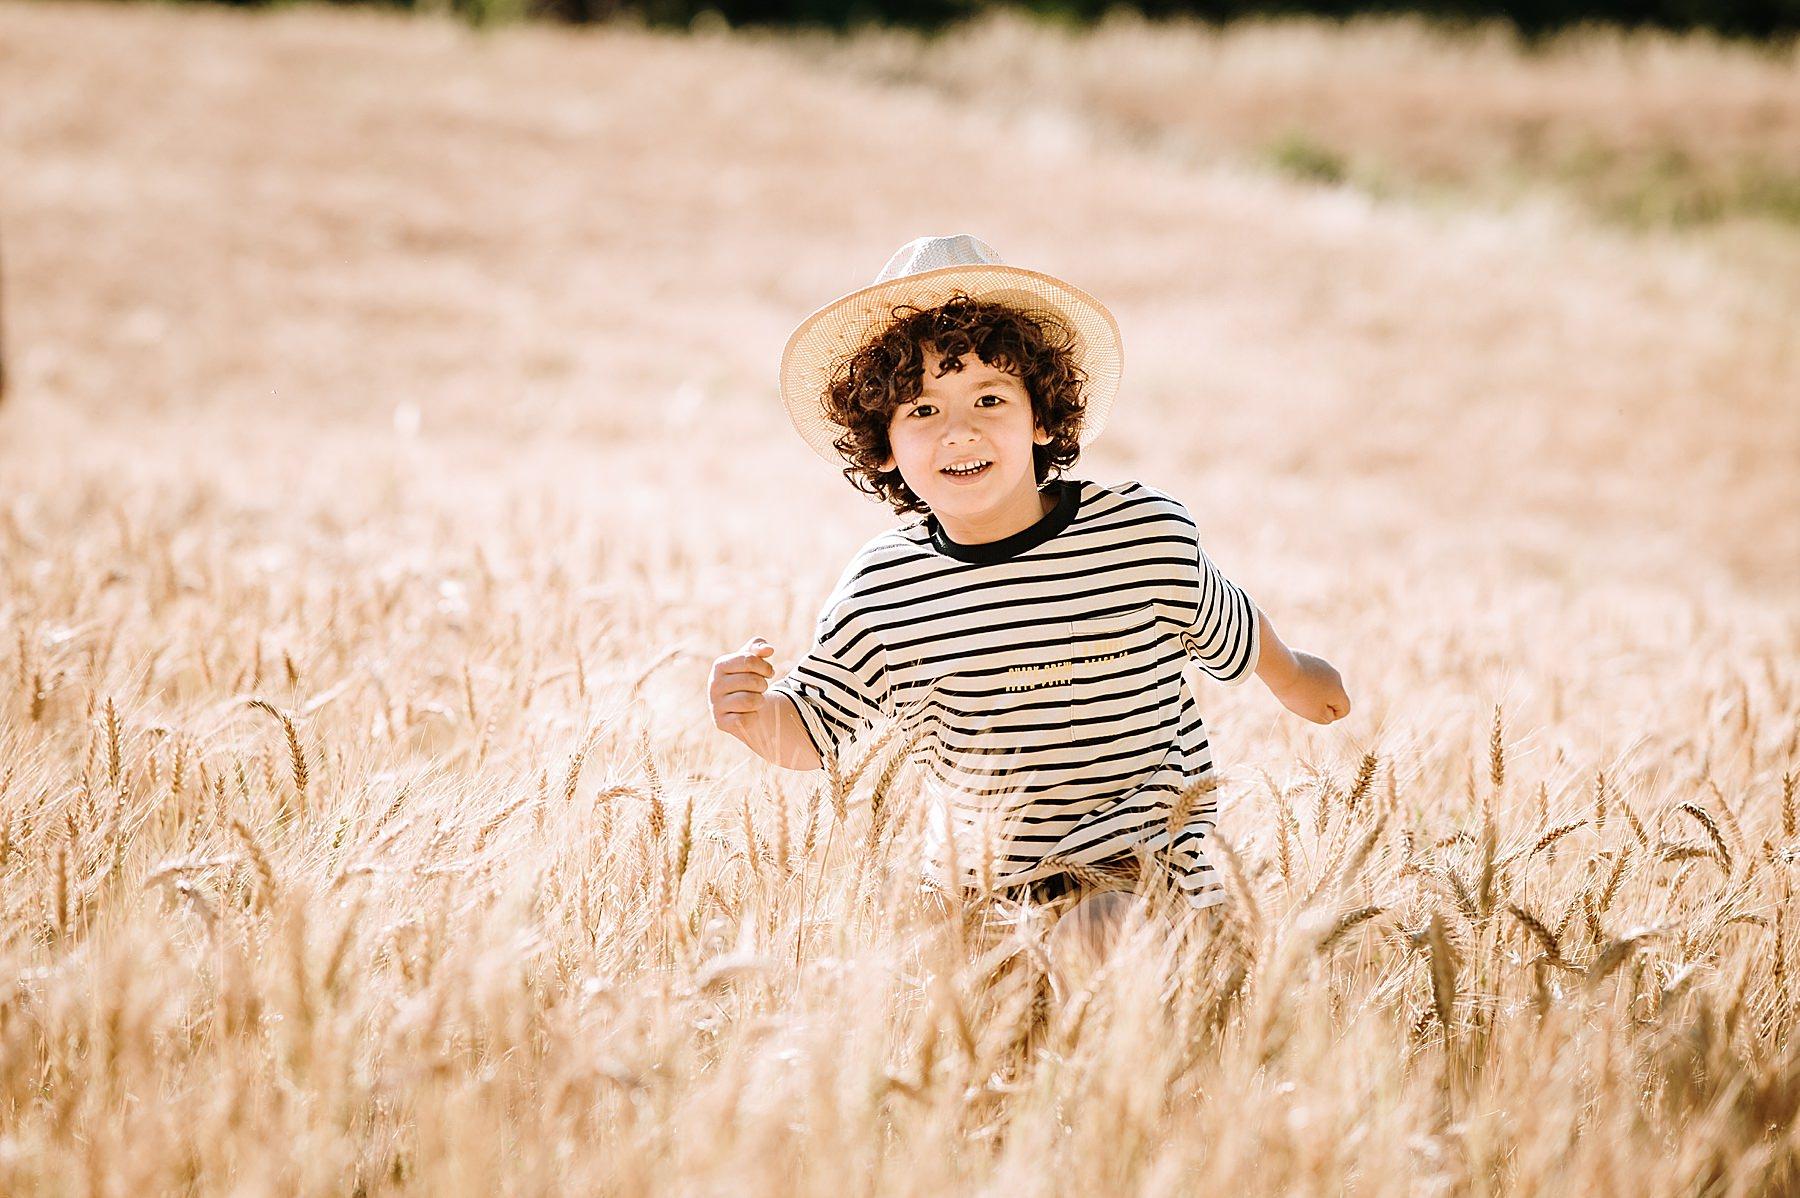 bambino che corre felice nel grano